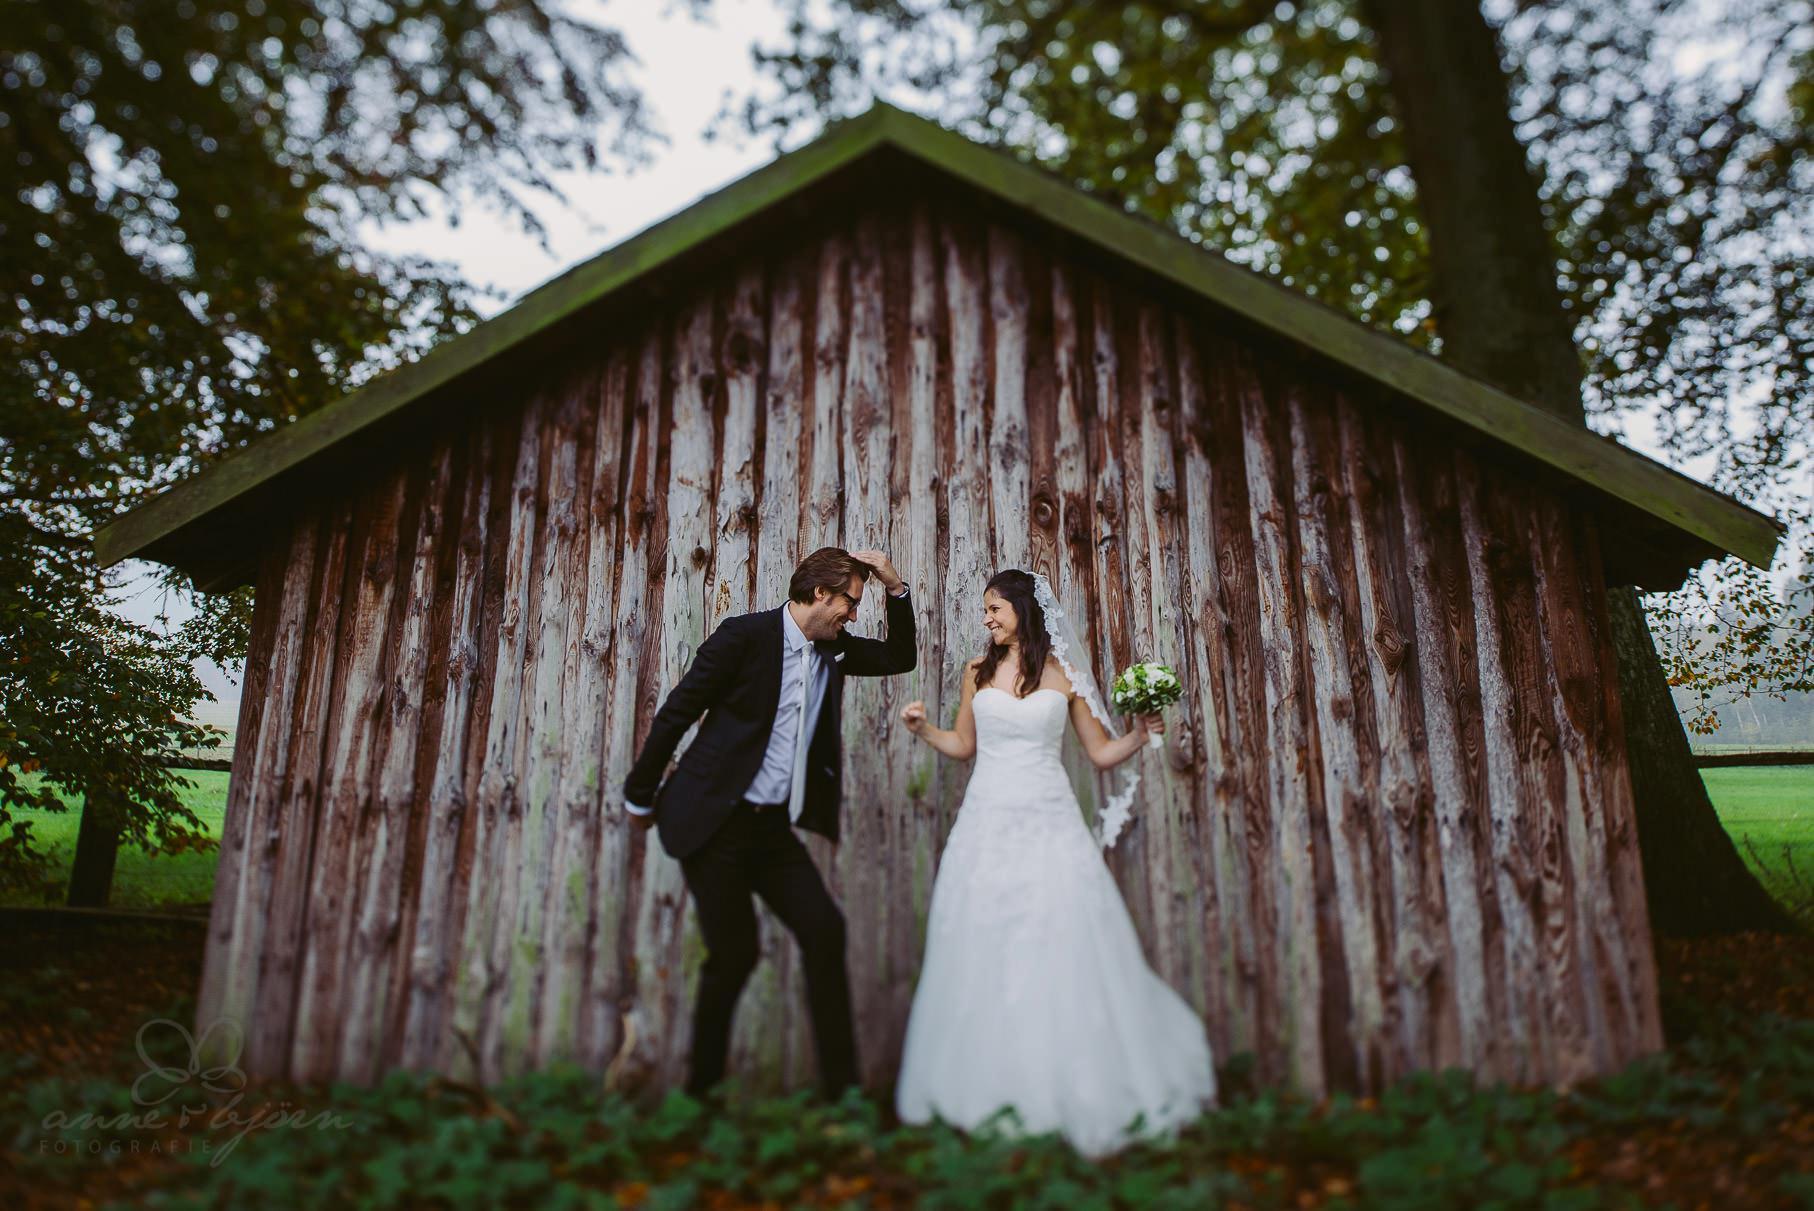 0108 aub 812 0069 - Hochzeit auf Gut Thansen - Anja & Björn